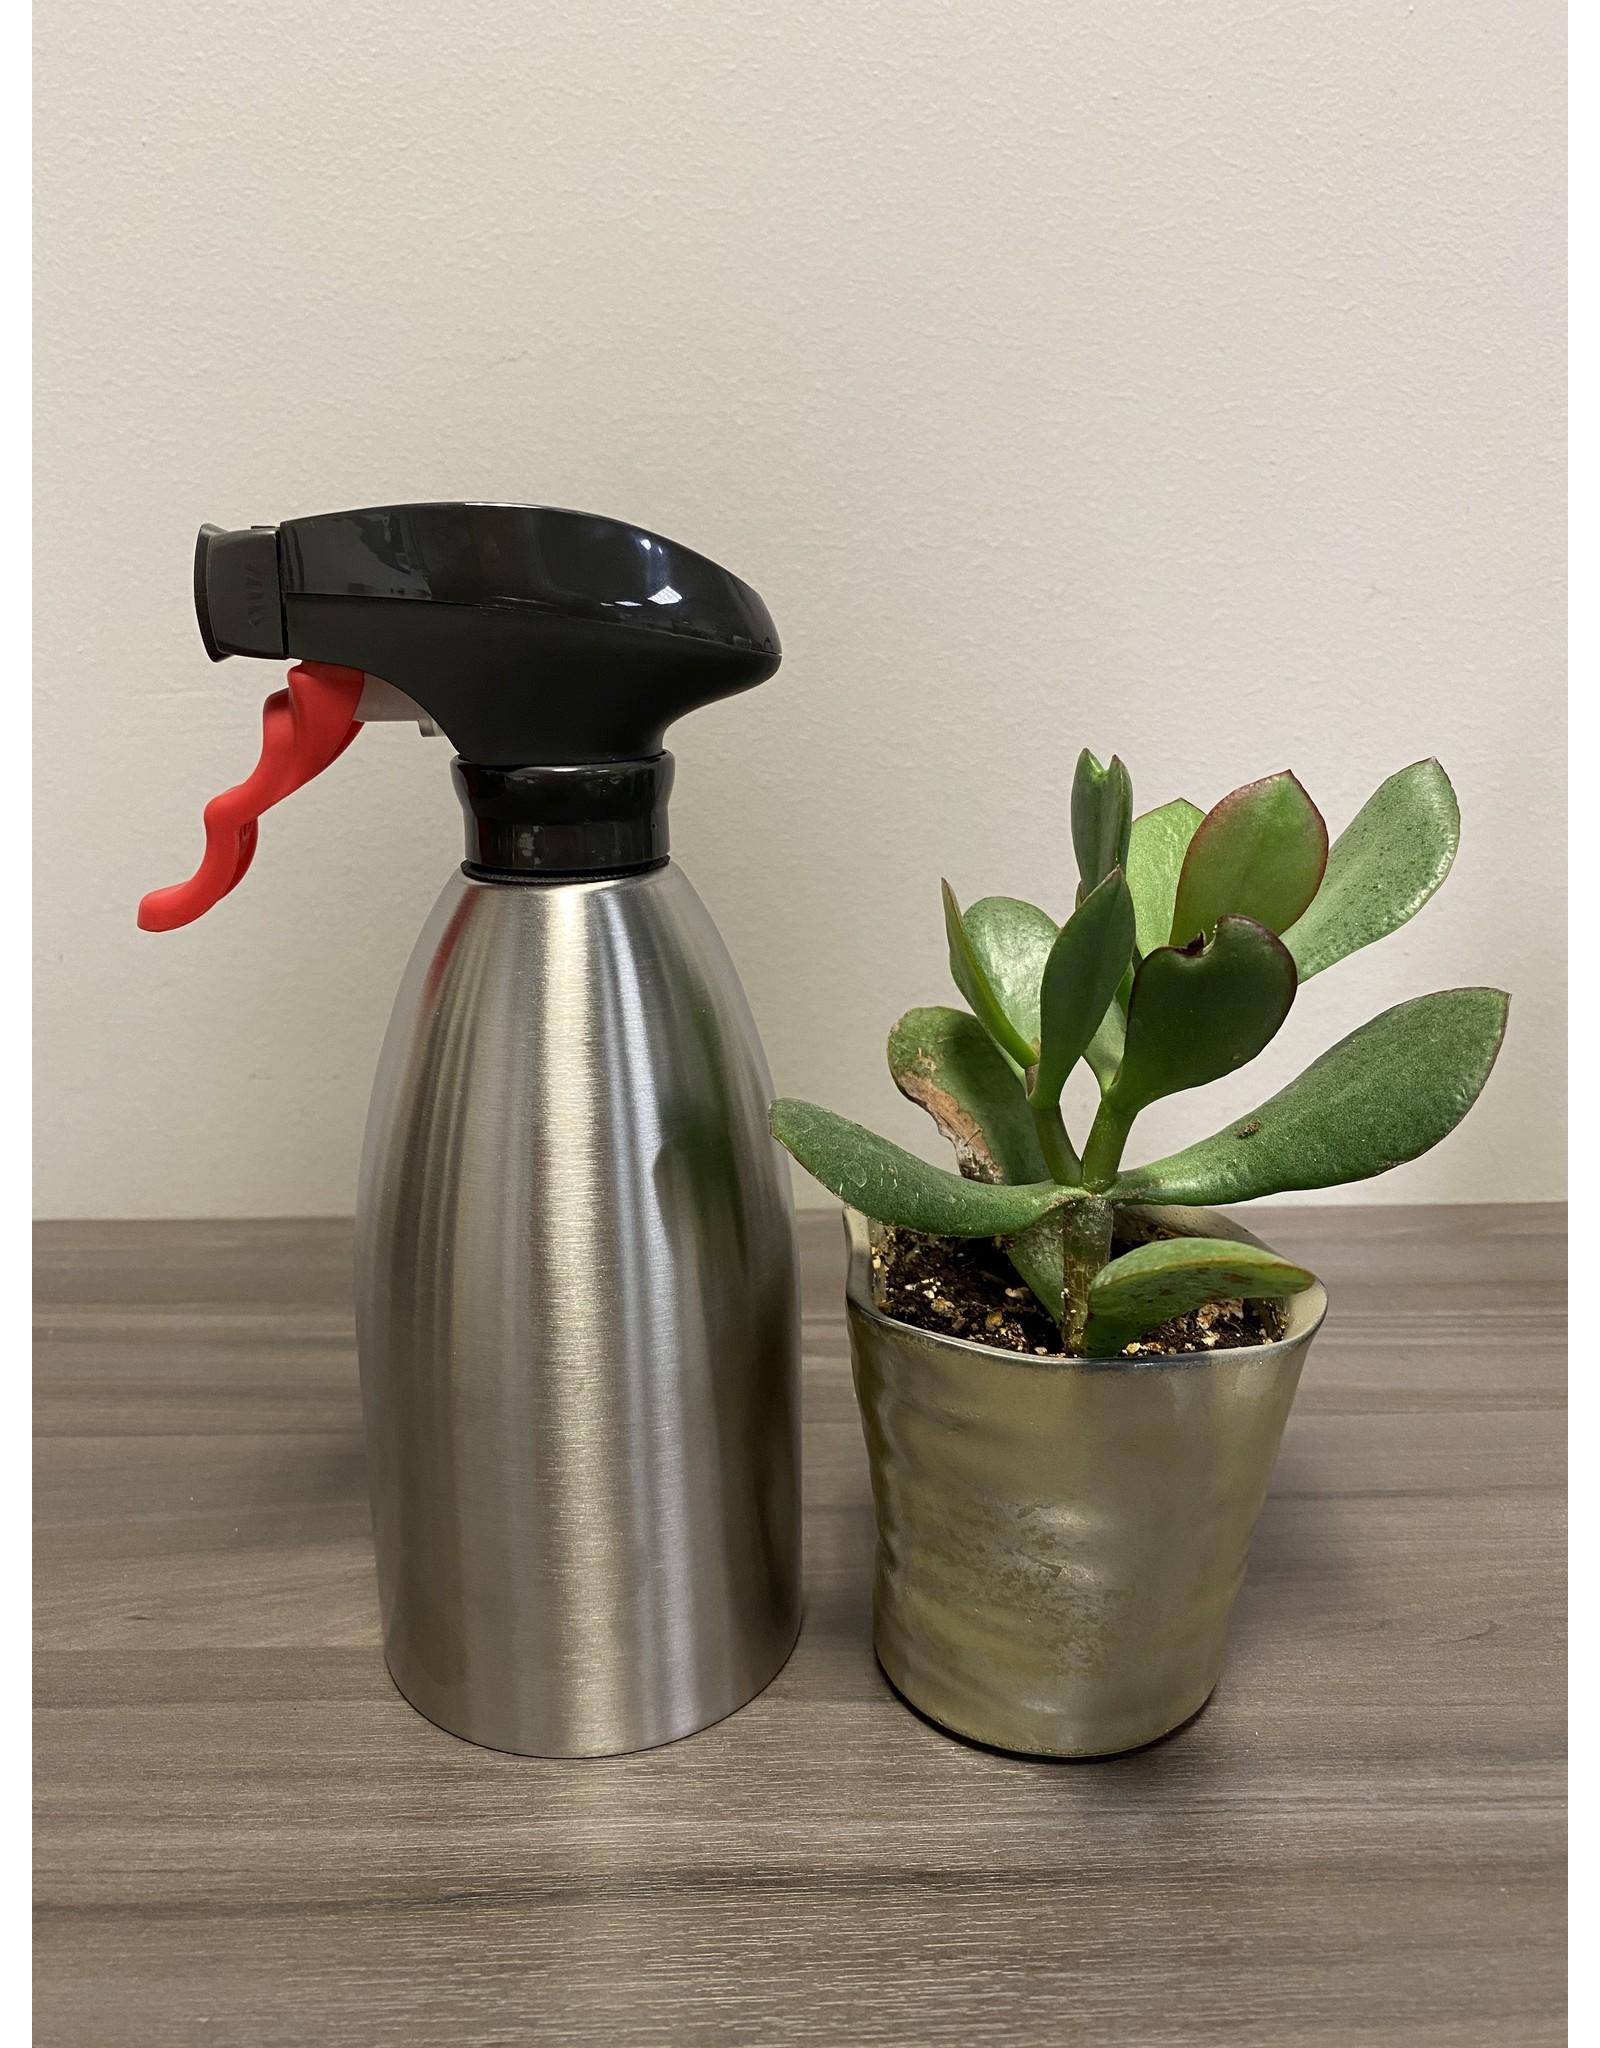 Stainless Steel Oil Sprayer